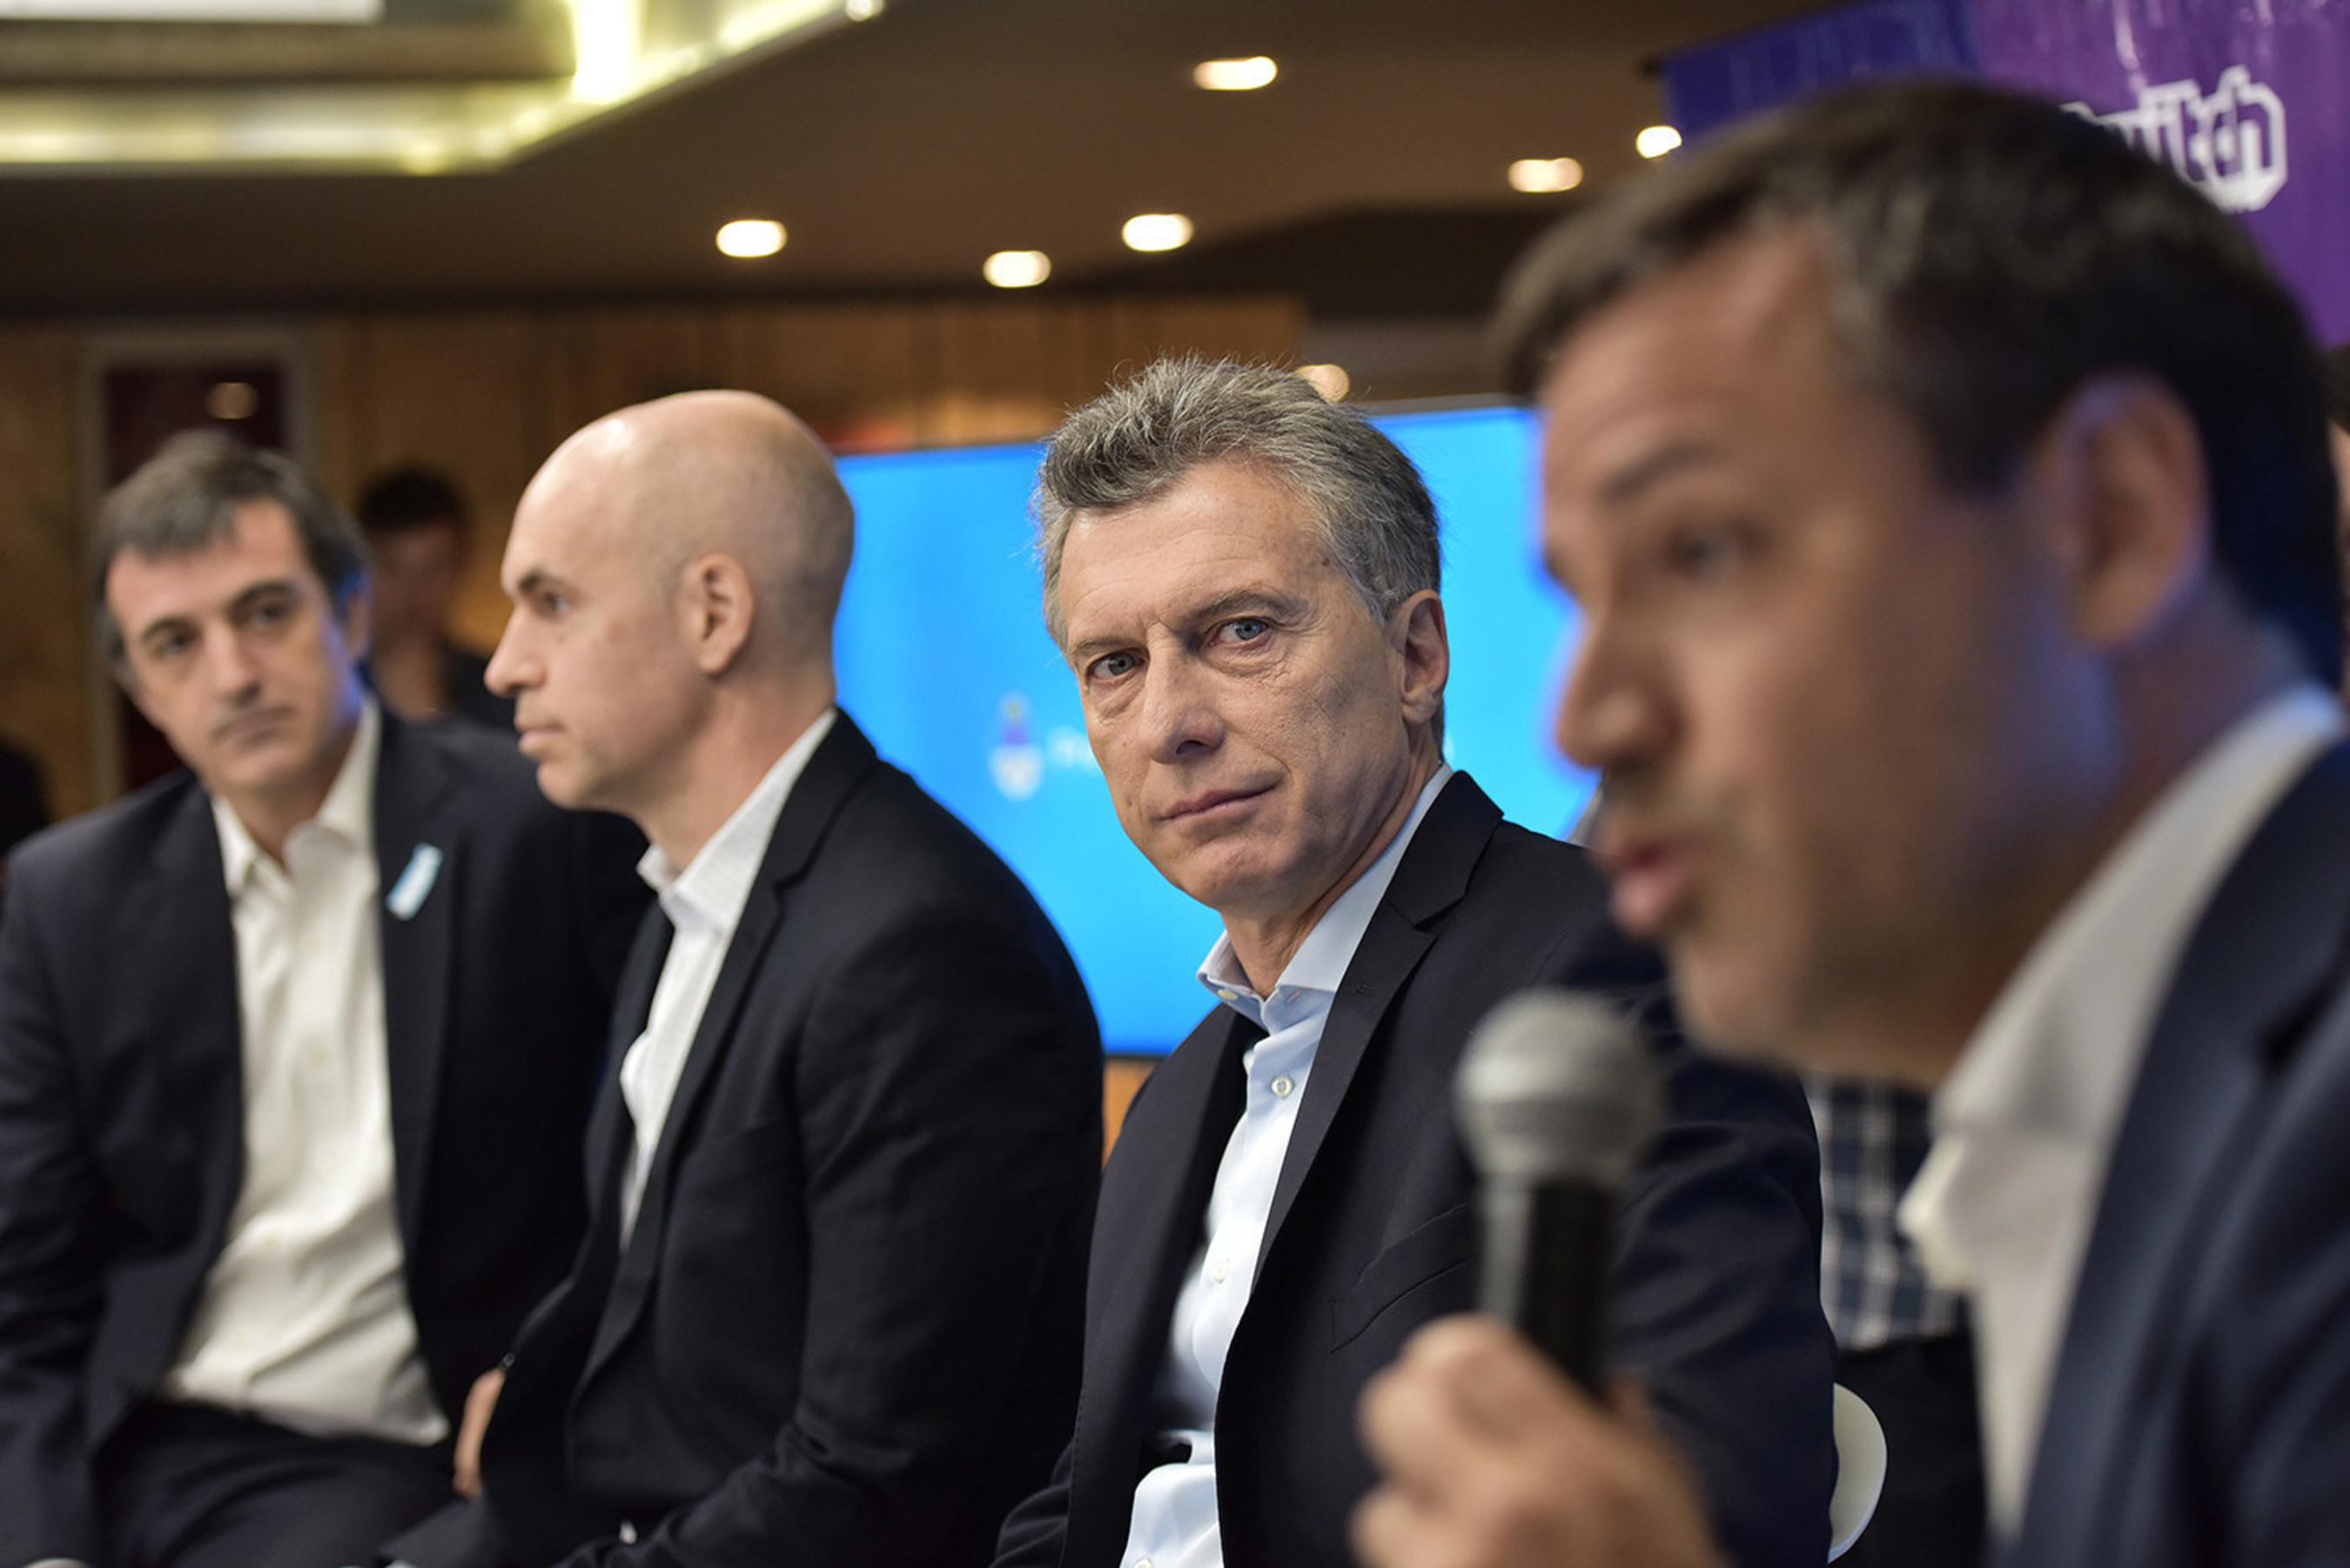 De izquierda a derecha:Esteban Bullrich, Ministro de Educacion y Deportes, Horacio Larreta, Jefe Gobierno de la Ciudad de Buenos Aires, Mauricio Macri, Presidente de la Republica de Argentina y Gaston Taratuta, CEO y Fundador de IMS.